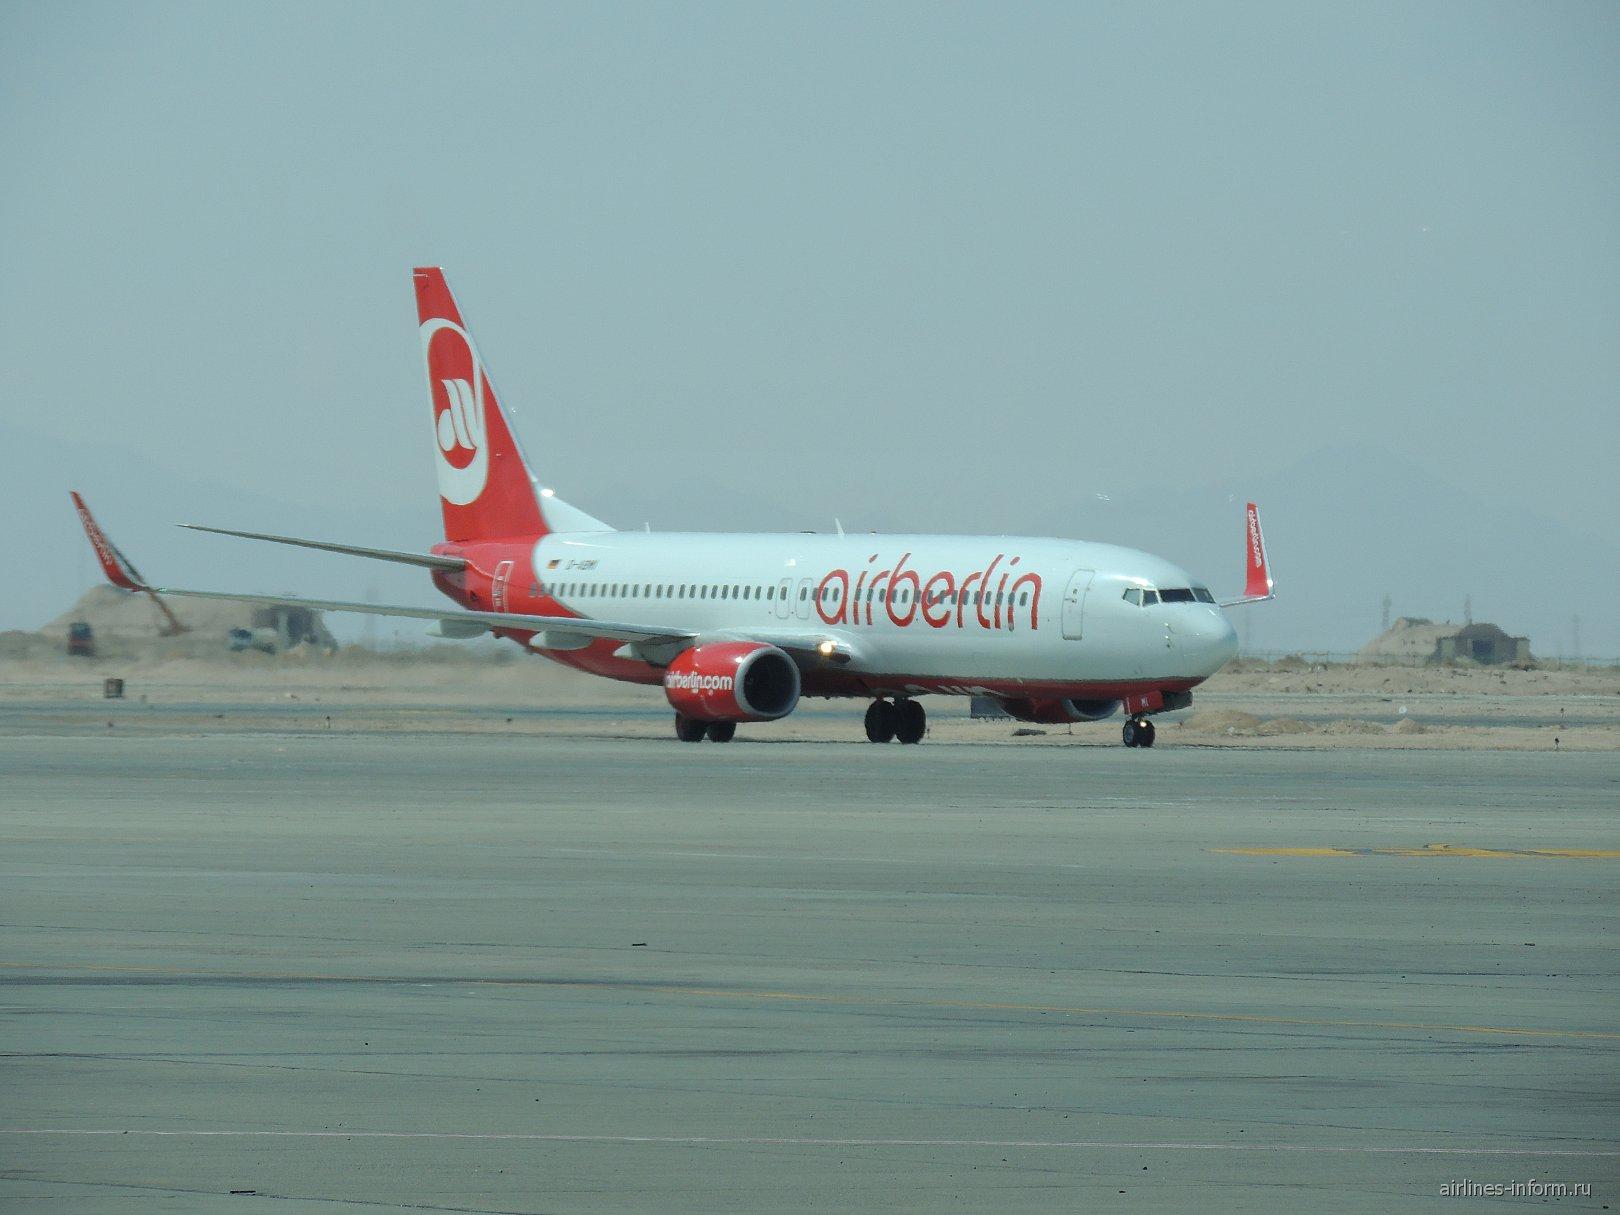 """Боинг-737-800 авиакомпании """"airberlin"""" в аэропорту Хургада"""